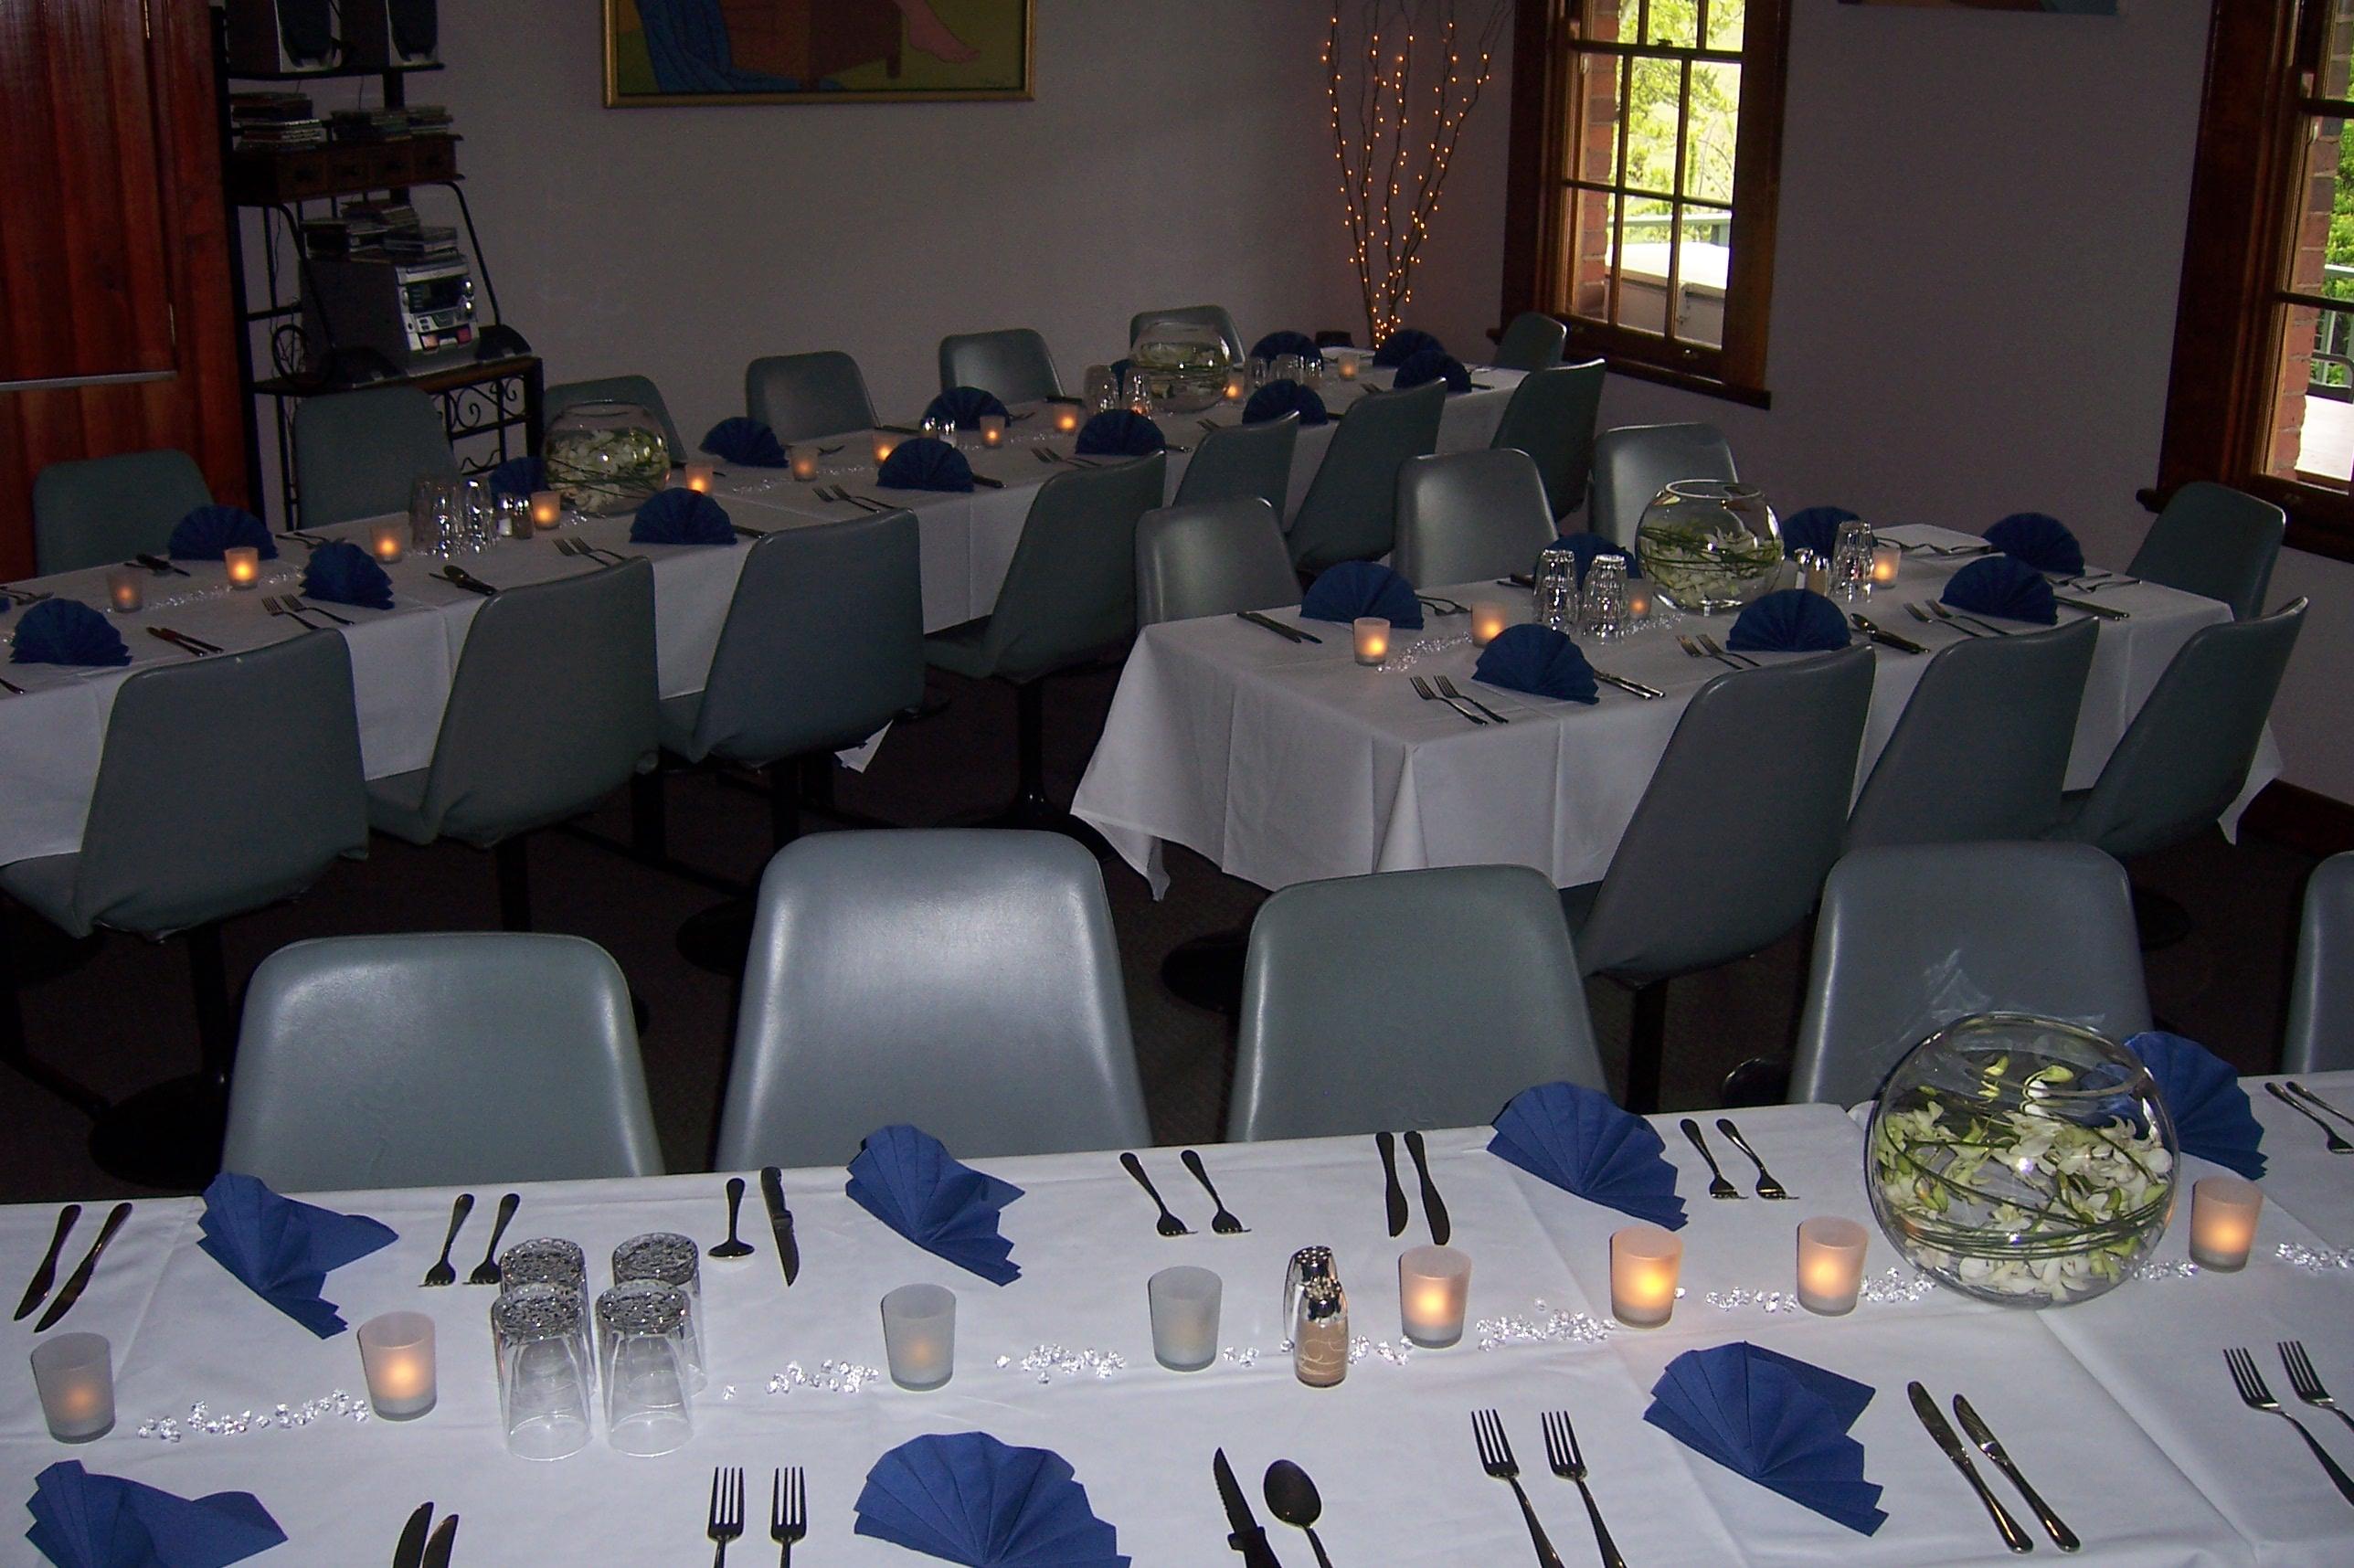 2. Wedding Table Setup